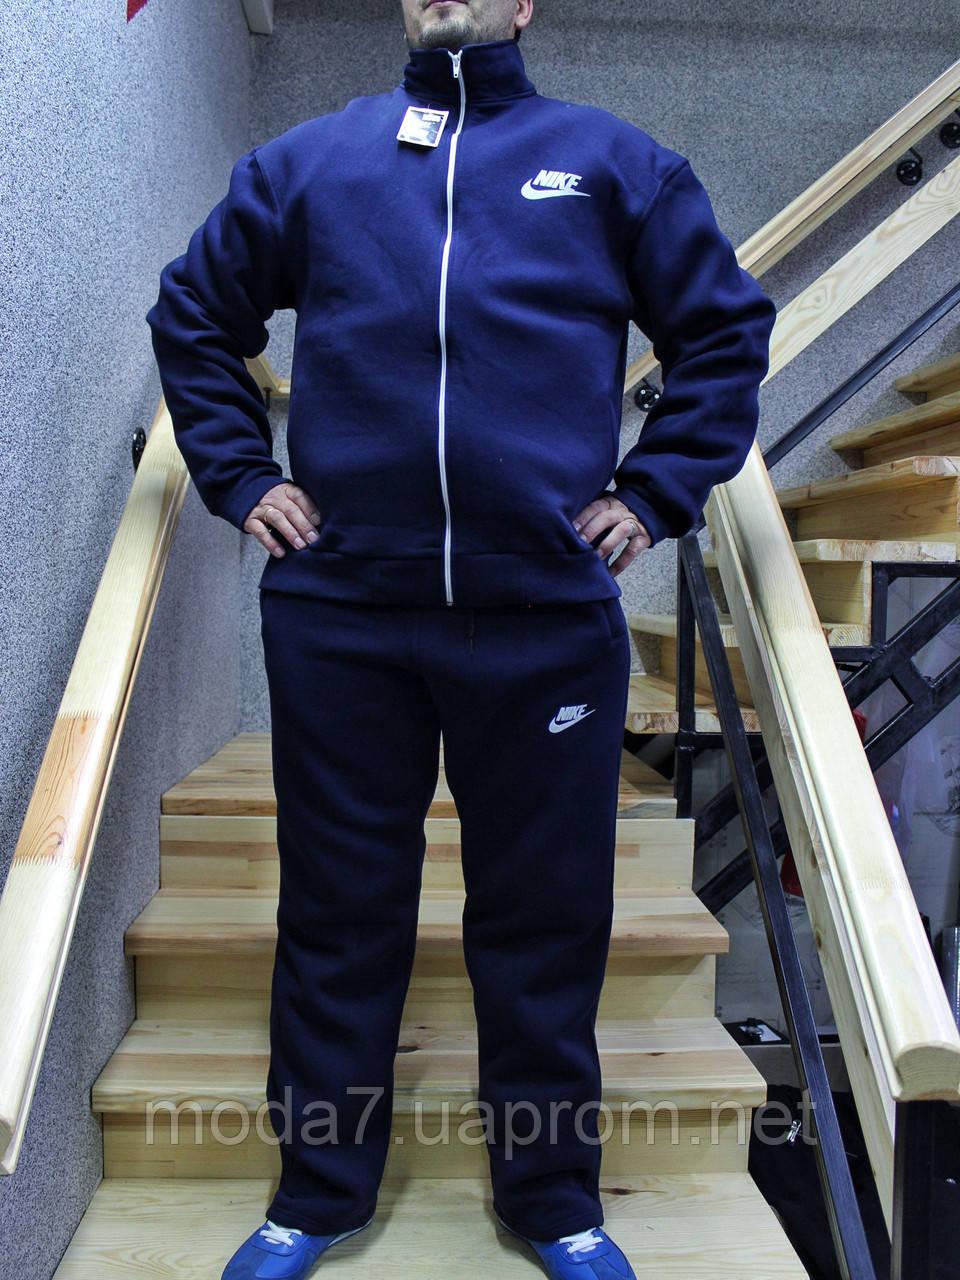 84a44159 Мужской зимний спортивный костюм Nike батал 56р-62р реплика -  Интернет-Магазин